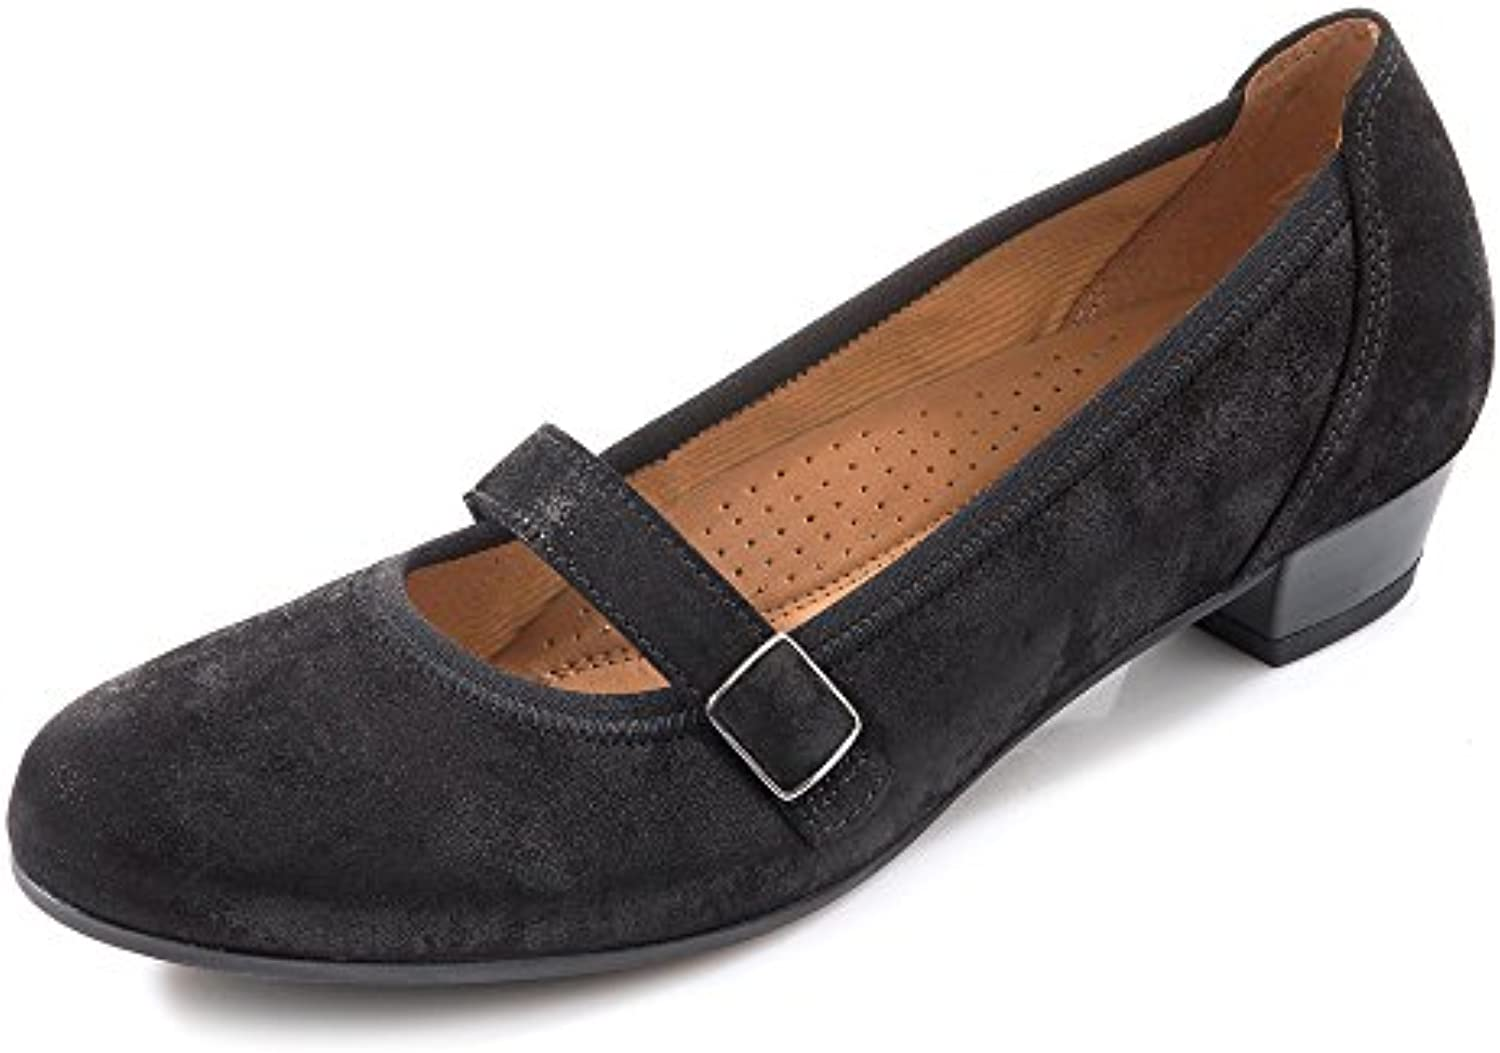 Gabor 4622997 Größe 41 Schwarz (Schwarz) 2018 Letztes Modell  Mode Schuhe Billig Online-Verkauf